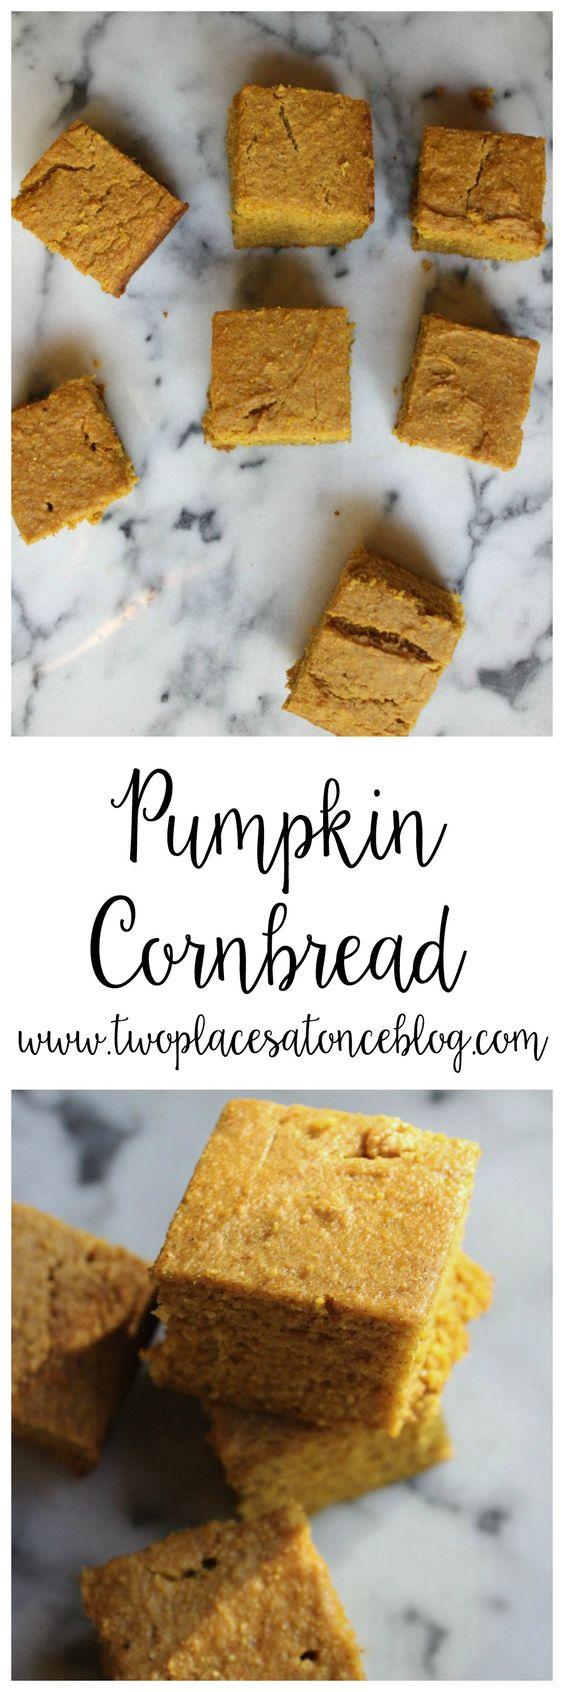 Pumpkin Cornbread Recipe Food Recipes Food Pumpkin